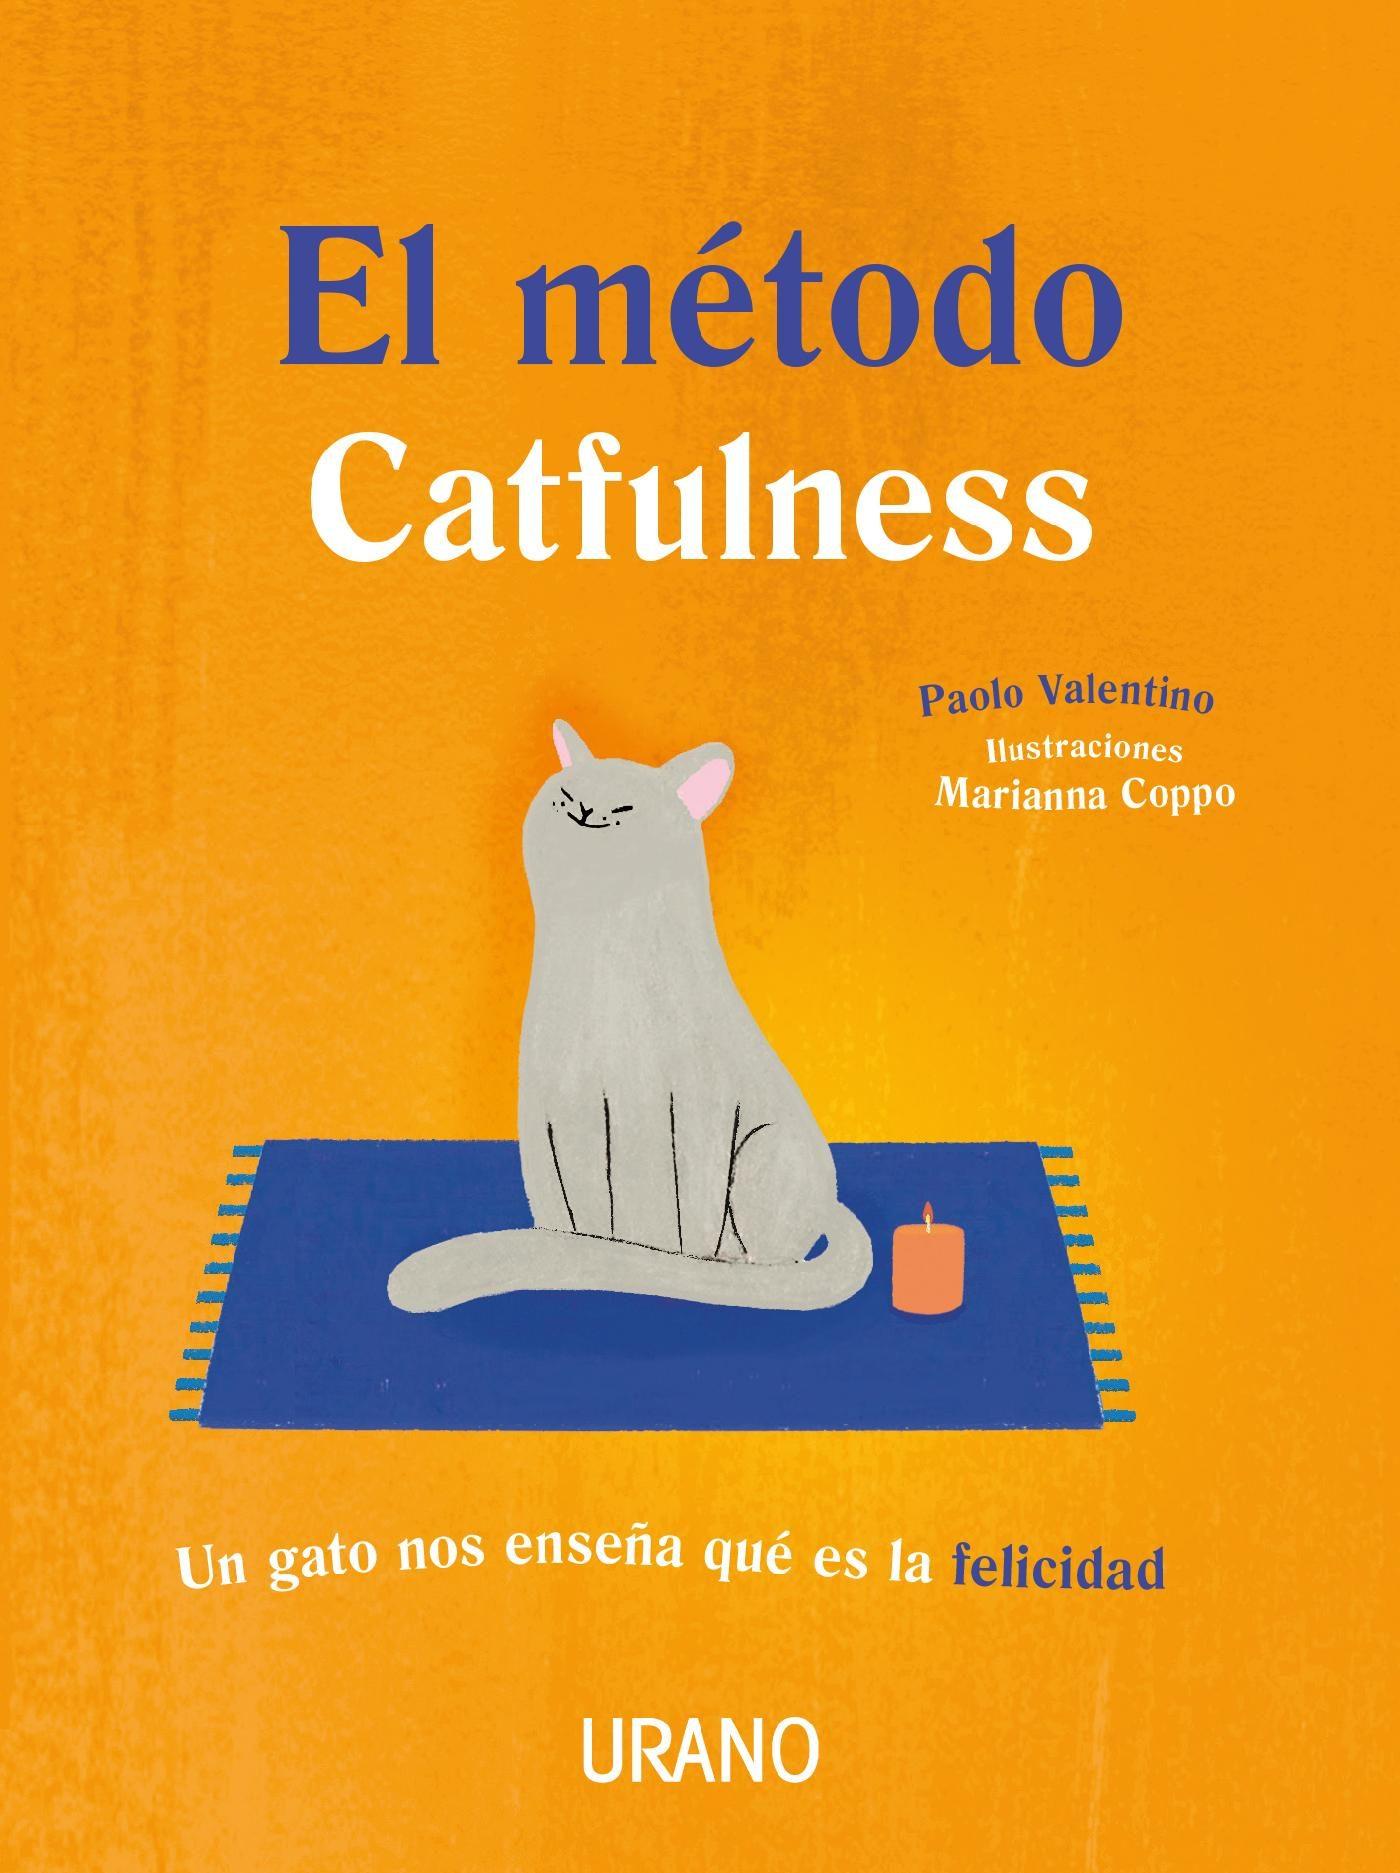 El Metodo Catfulness - Paolo Valentino - Urano